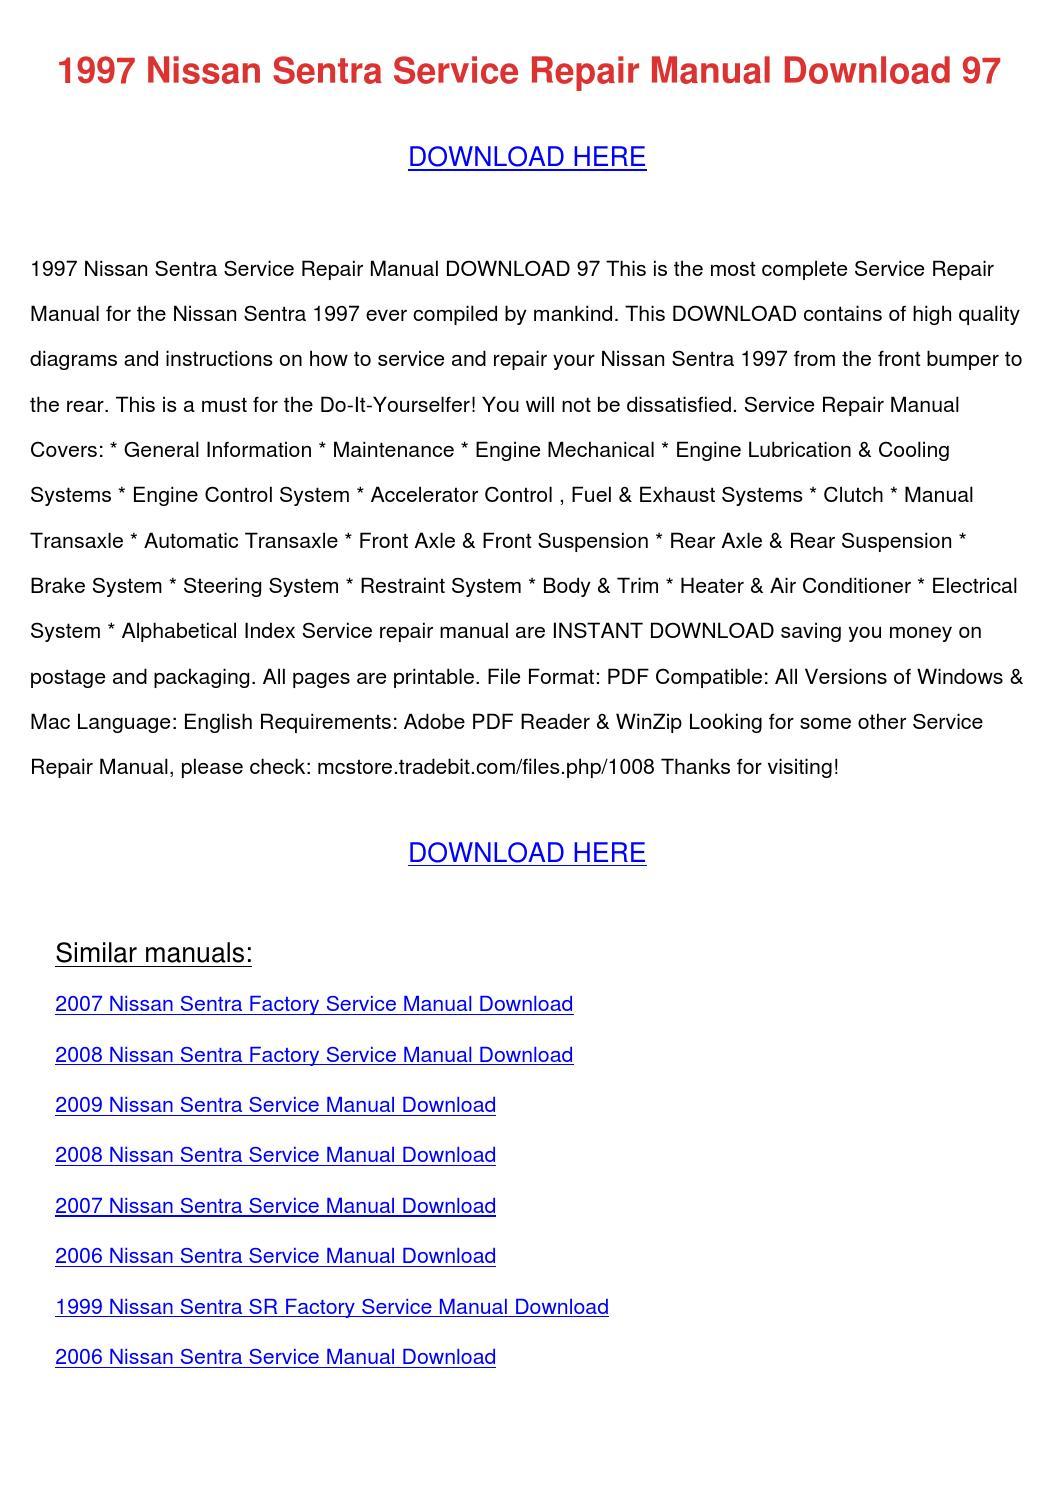 2007 nissan sentra repair manual